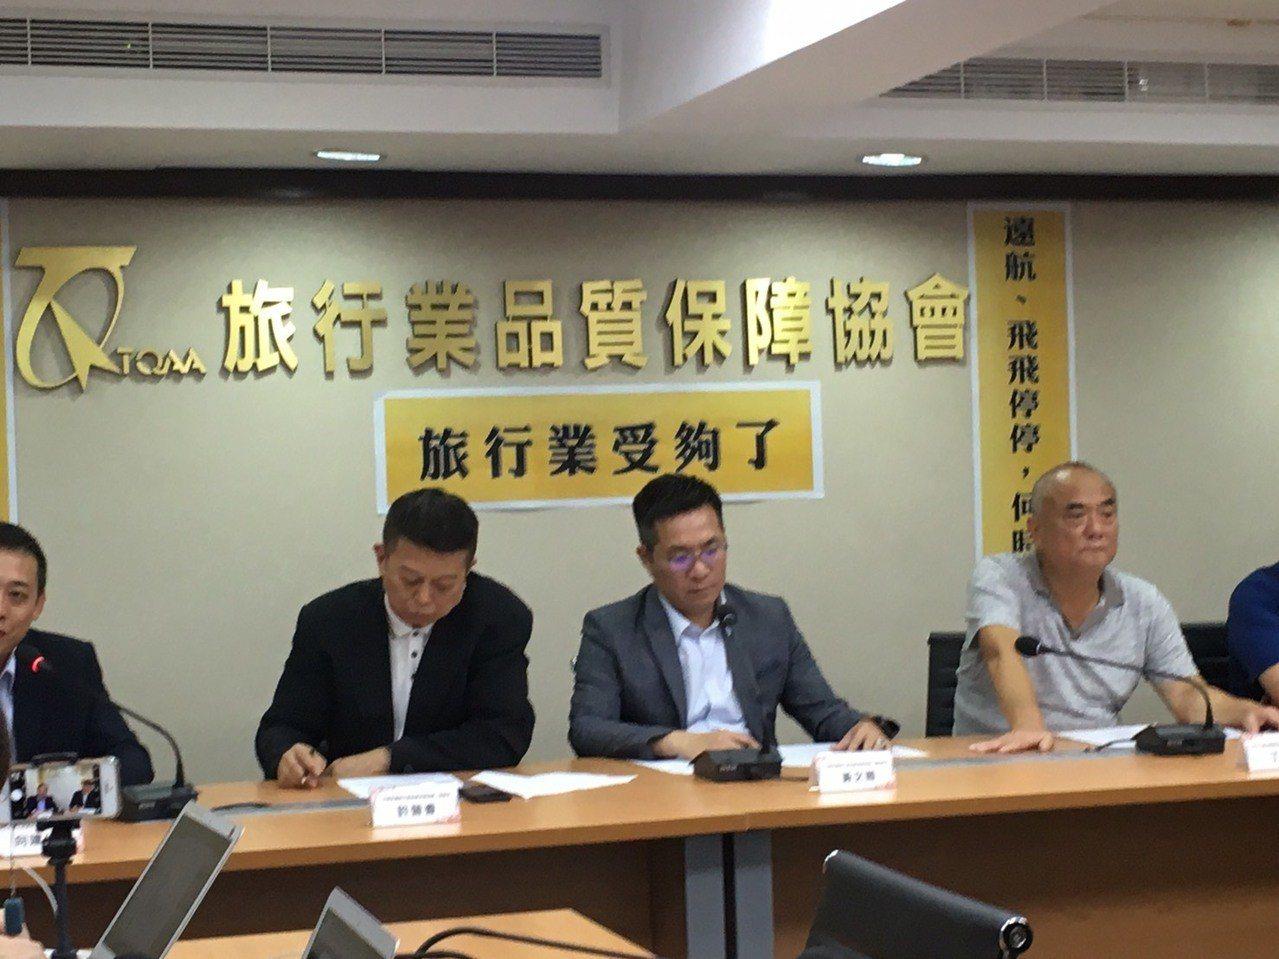 旅行社品質保障協會今天開記者會,控訴遠東航空臨時取消航線。記者吳姿賢/攝影